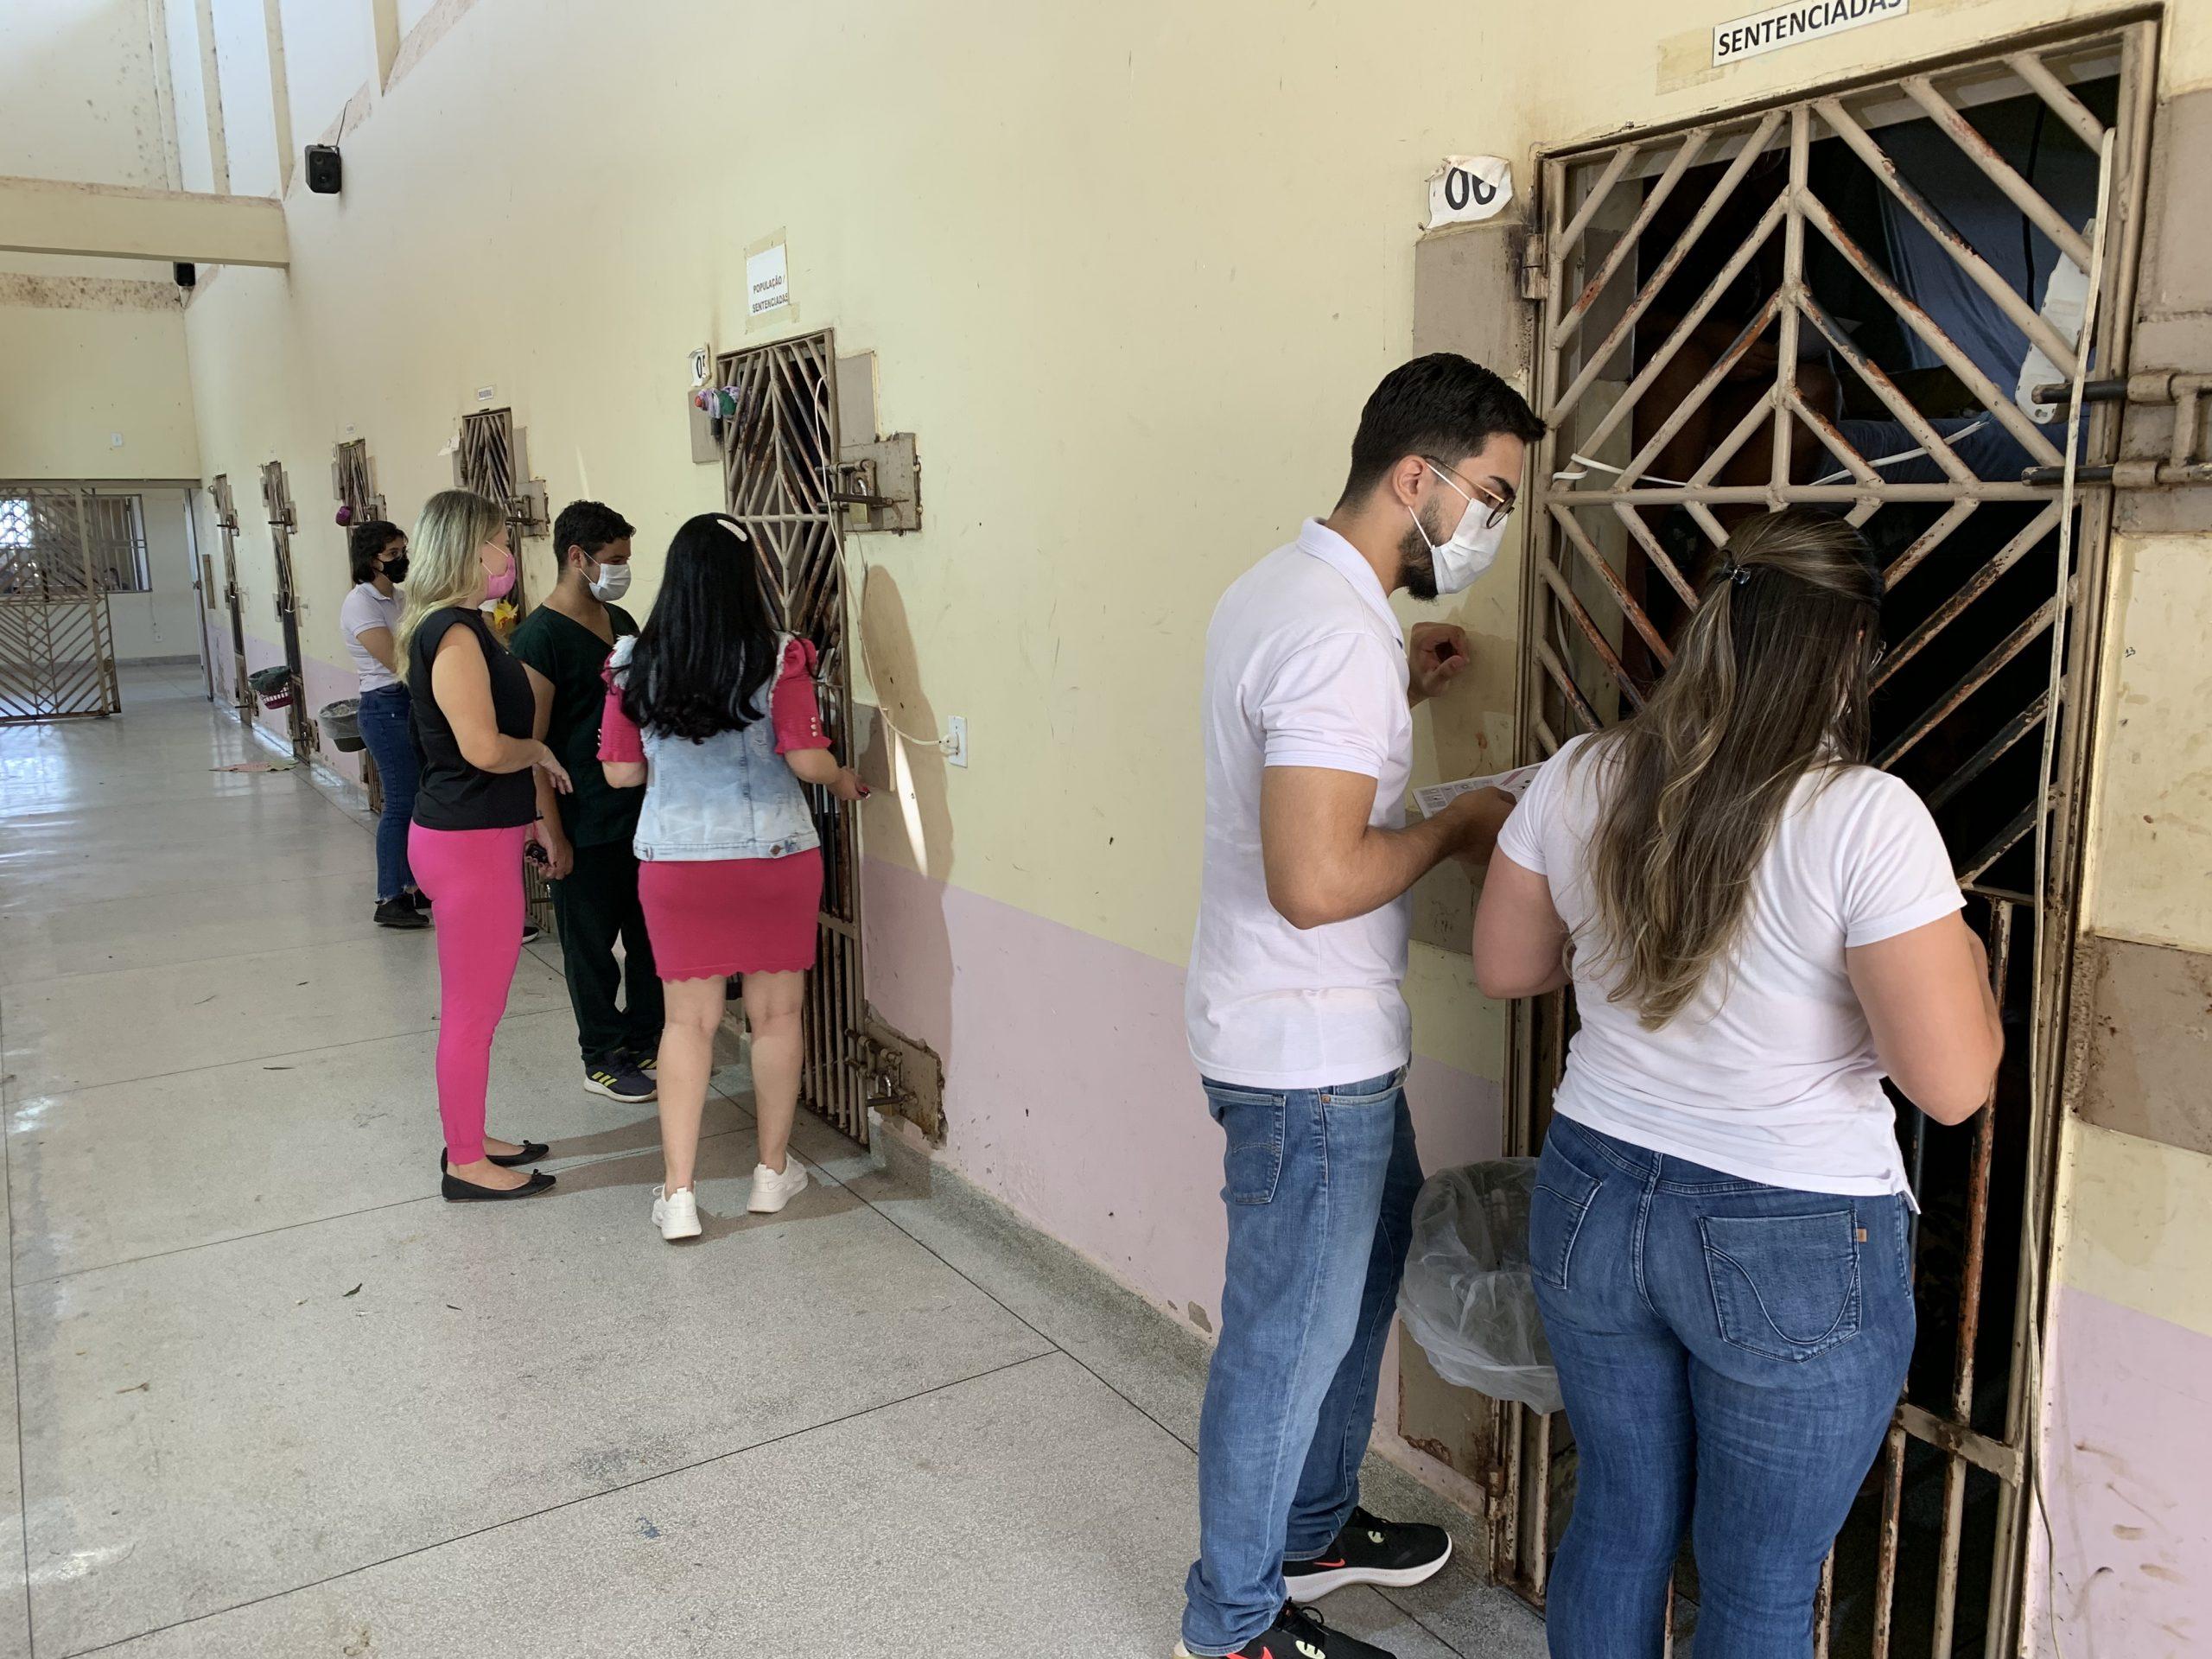 Detentas do Sistema Penitenciário Acreano recebem orientações sobre prevenção do câncer de mama